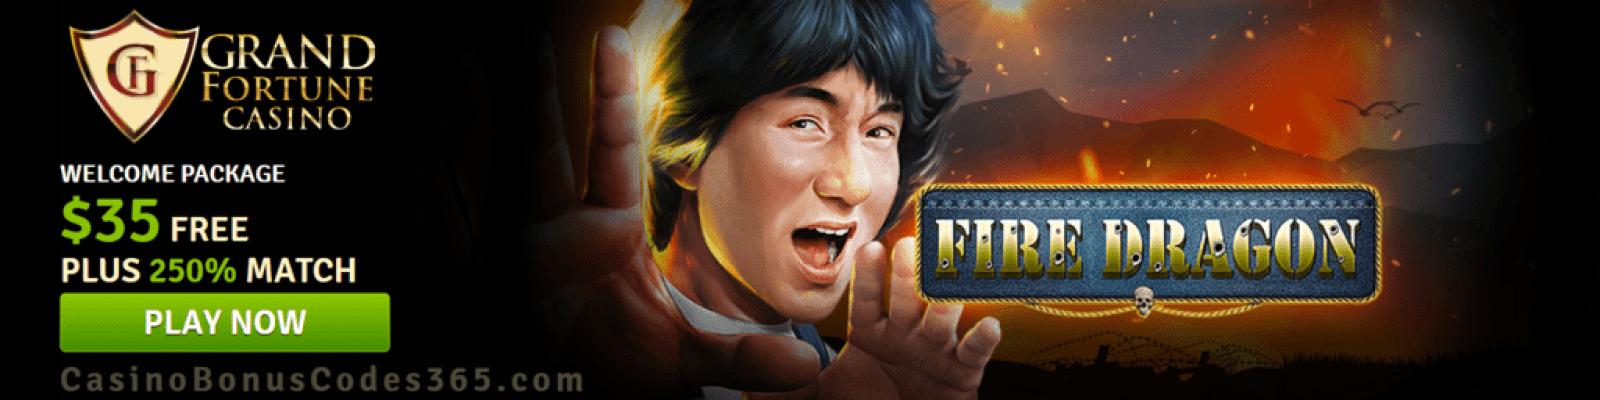 Grand Fortune Casino New RTG Game Fire Dragon